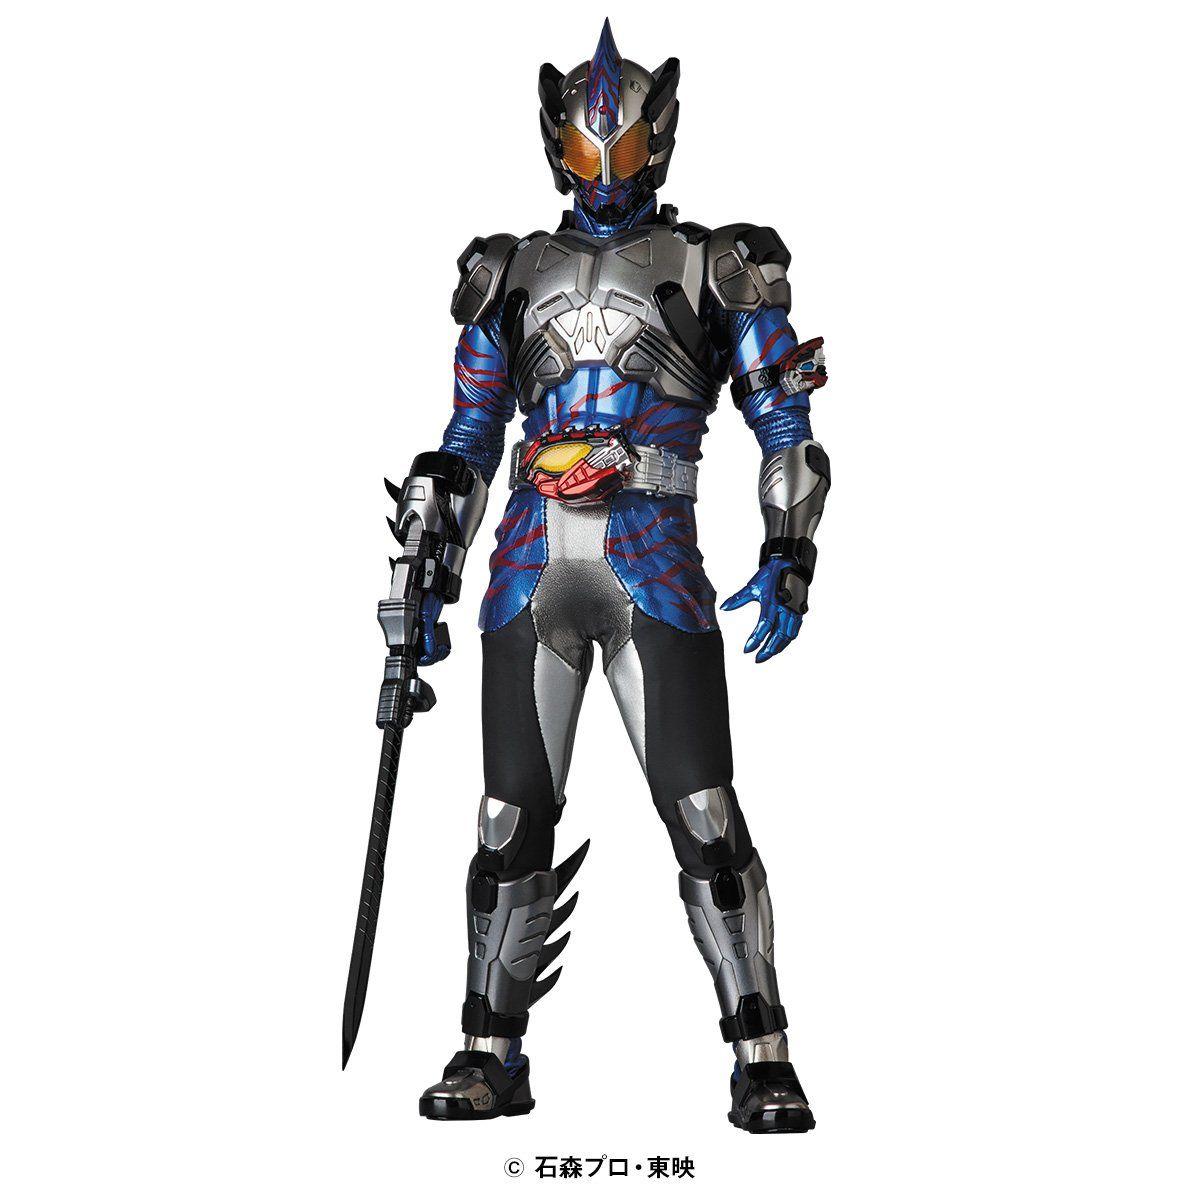 RAH GENESIS 仮面ライダーアマゾンネオ. undefined